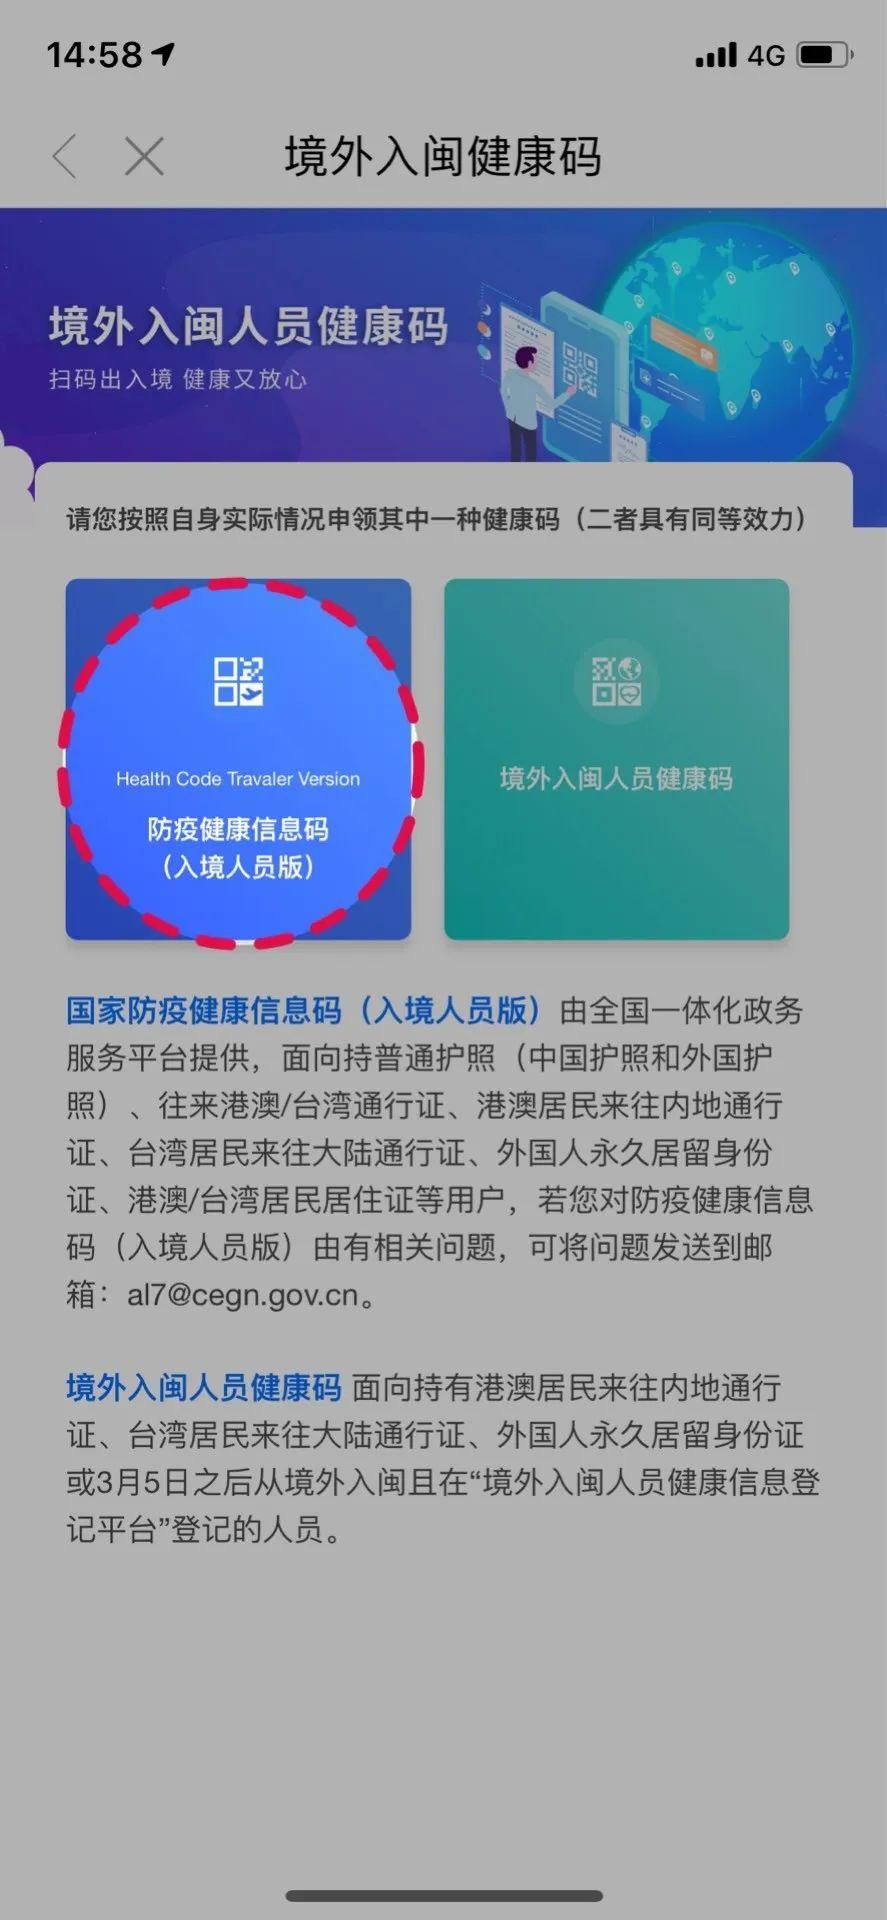 闽政通怎么申领国家防疫健康信息码